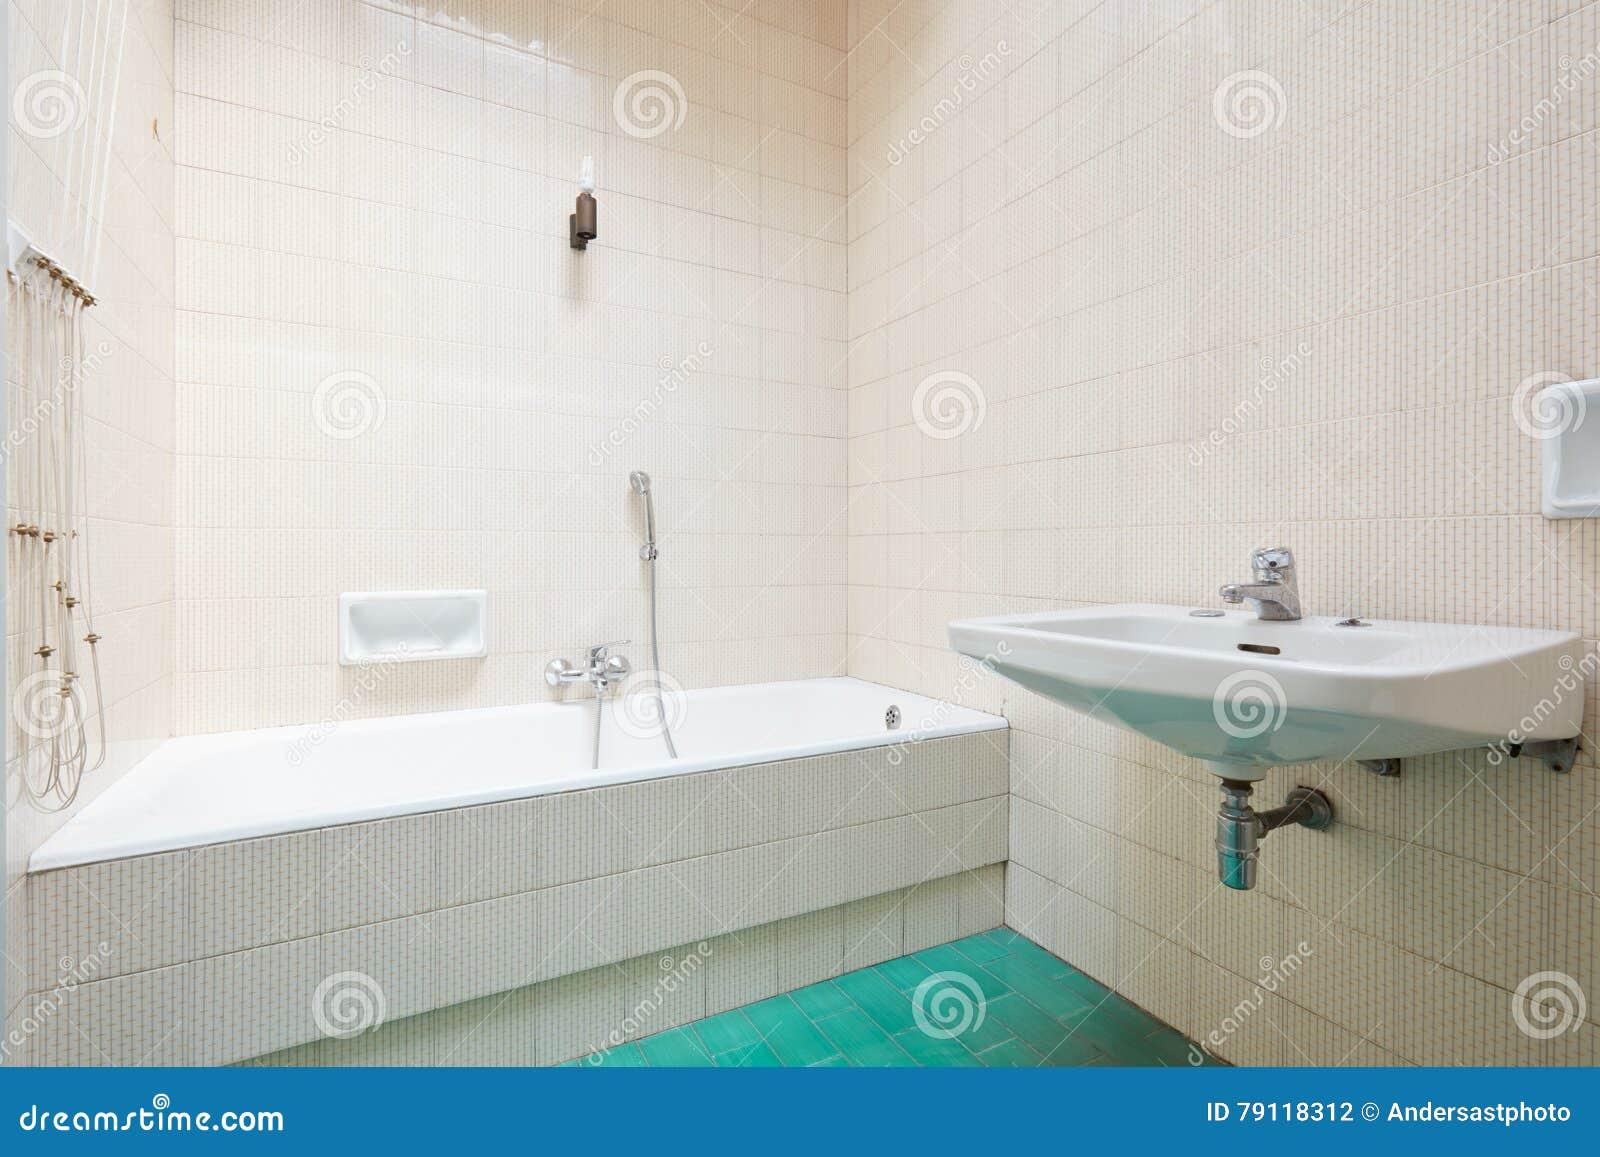 Altes Badezimmer Mit Ziegeln Gedeckter Innenraum Mit Badewanne